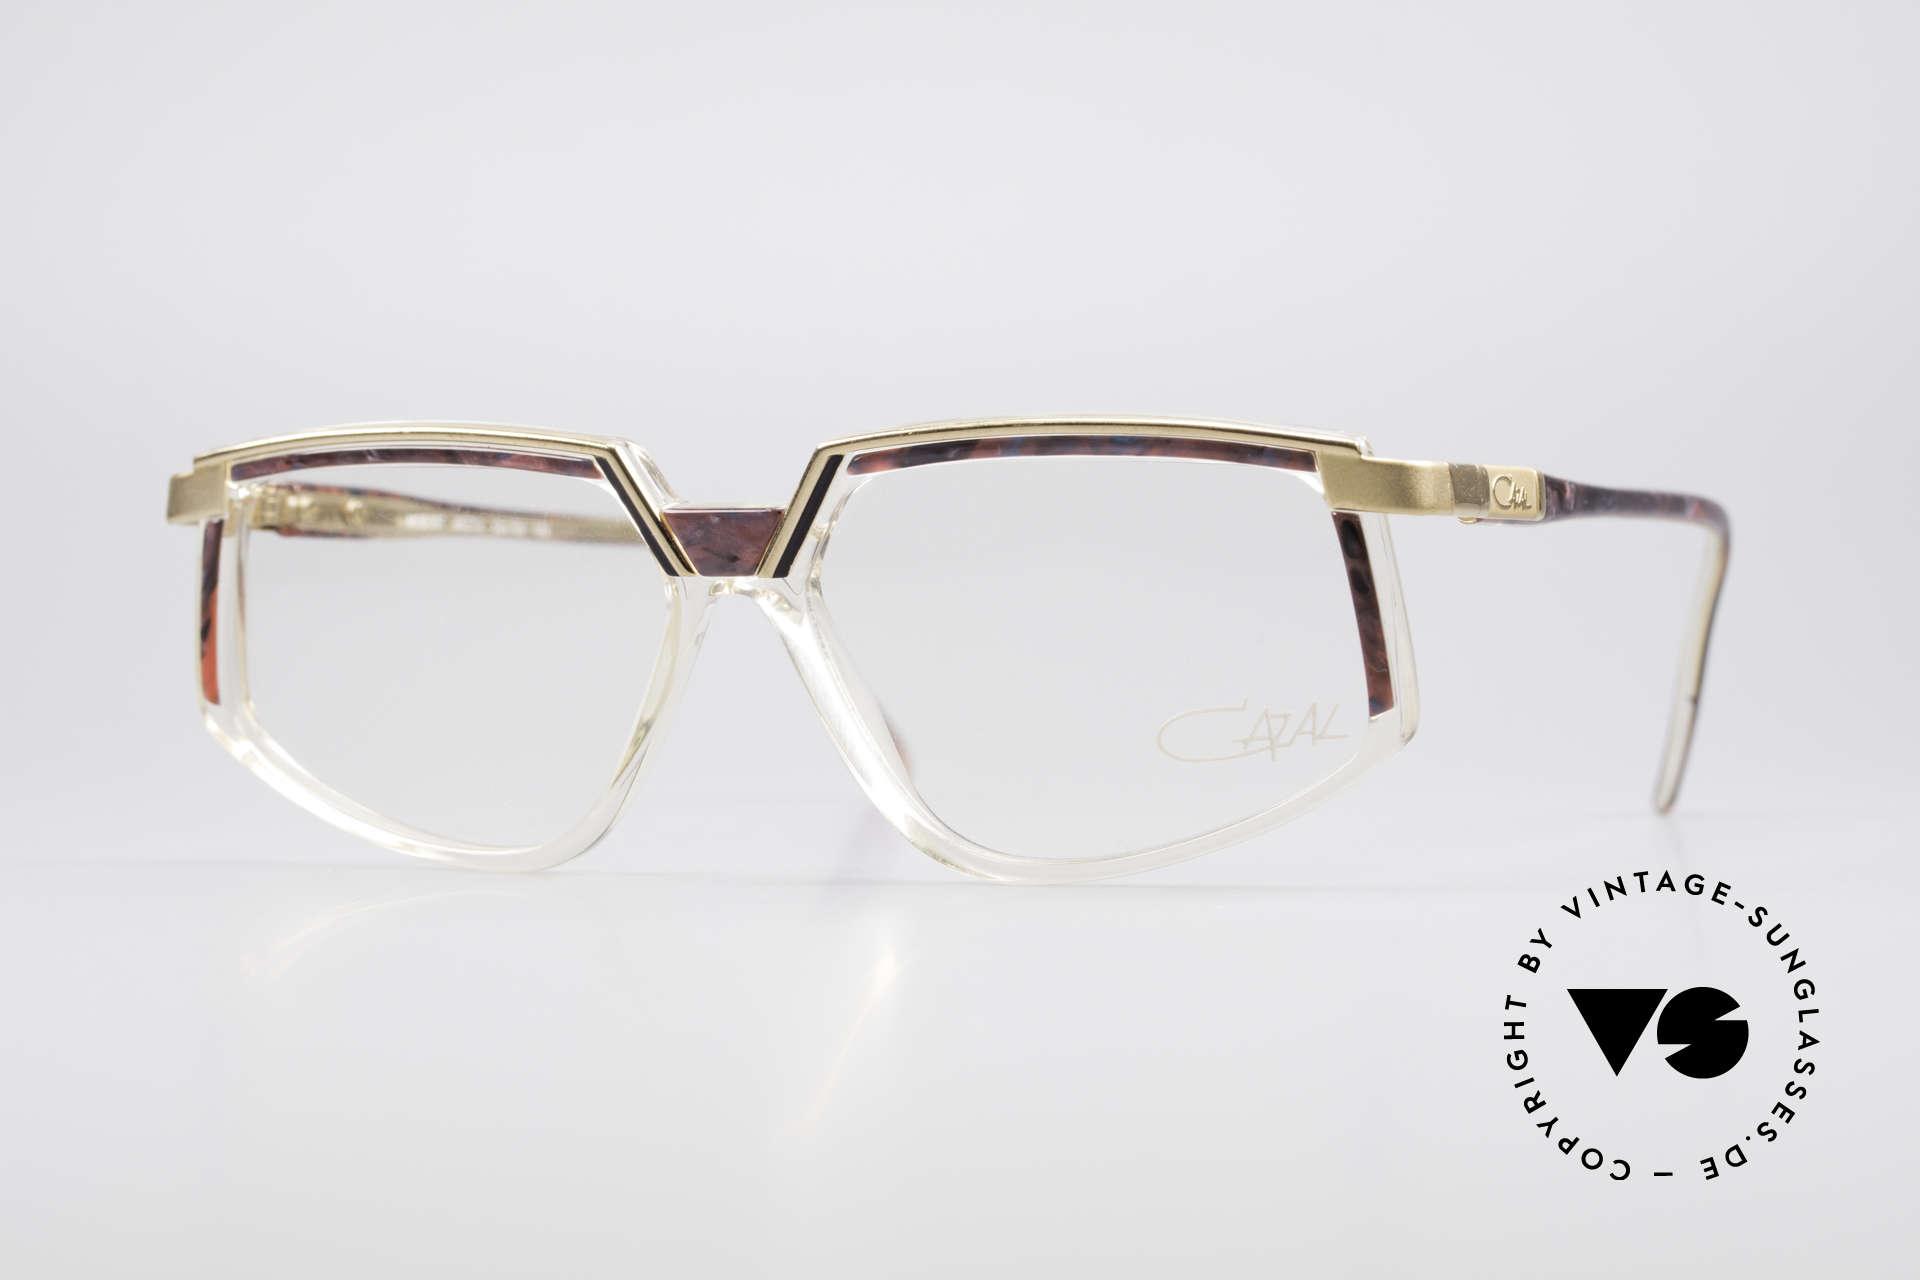 Cazal 337 Vintage Cazal No Retro Brille, sehr interessantes CAZAL Design aus den 90er Jahren, Passend für Damen